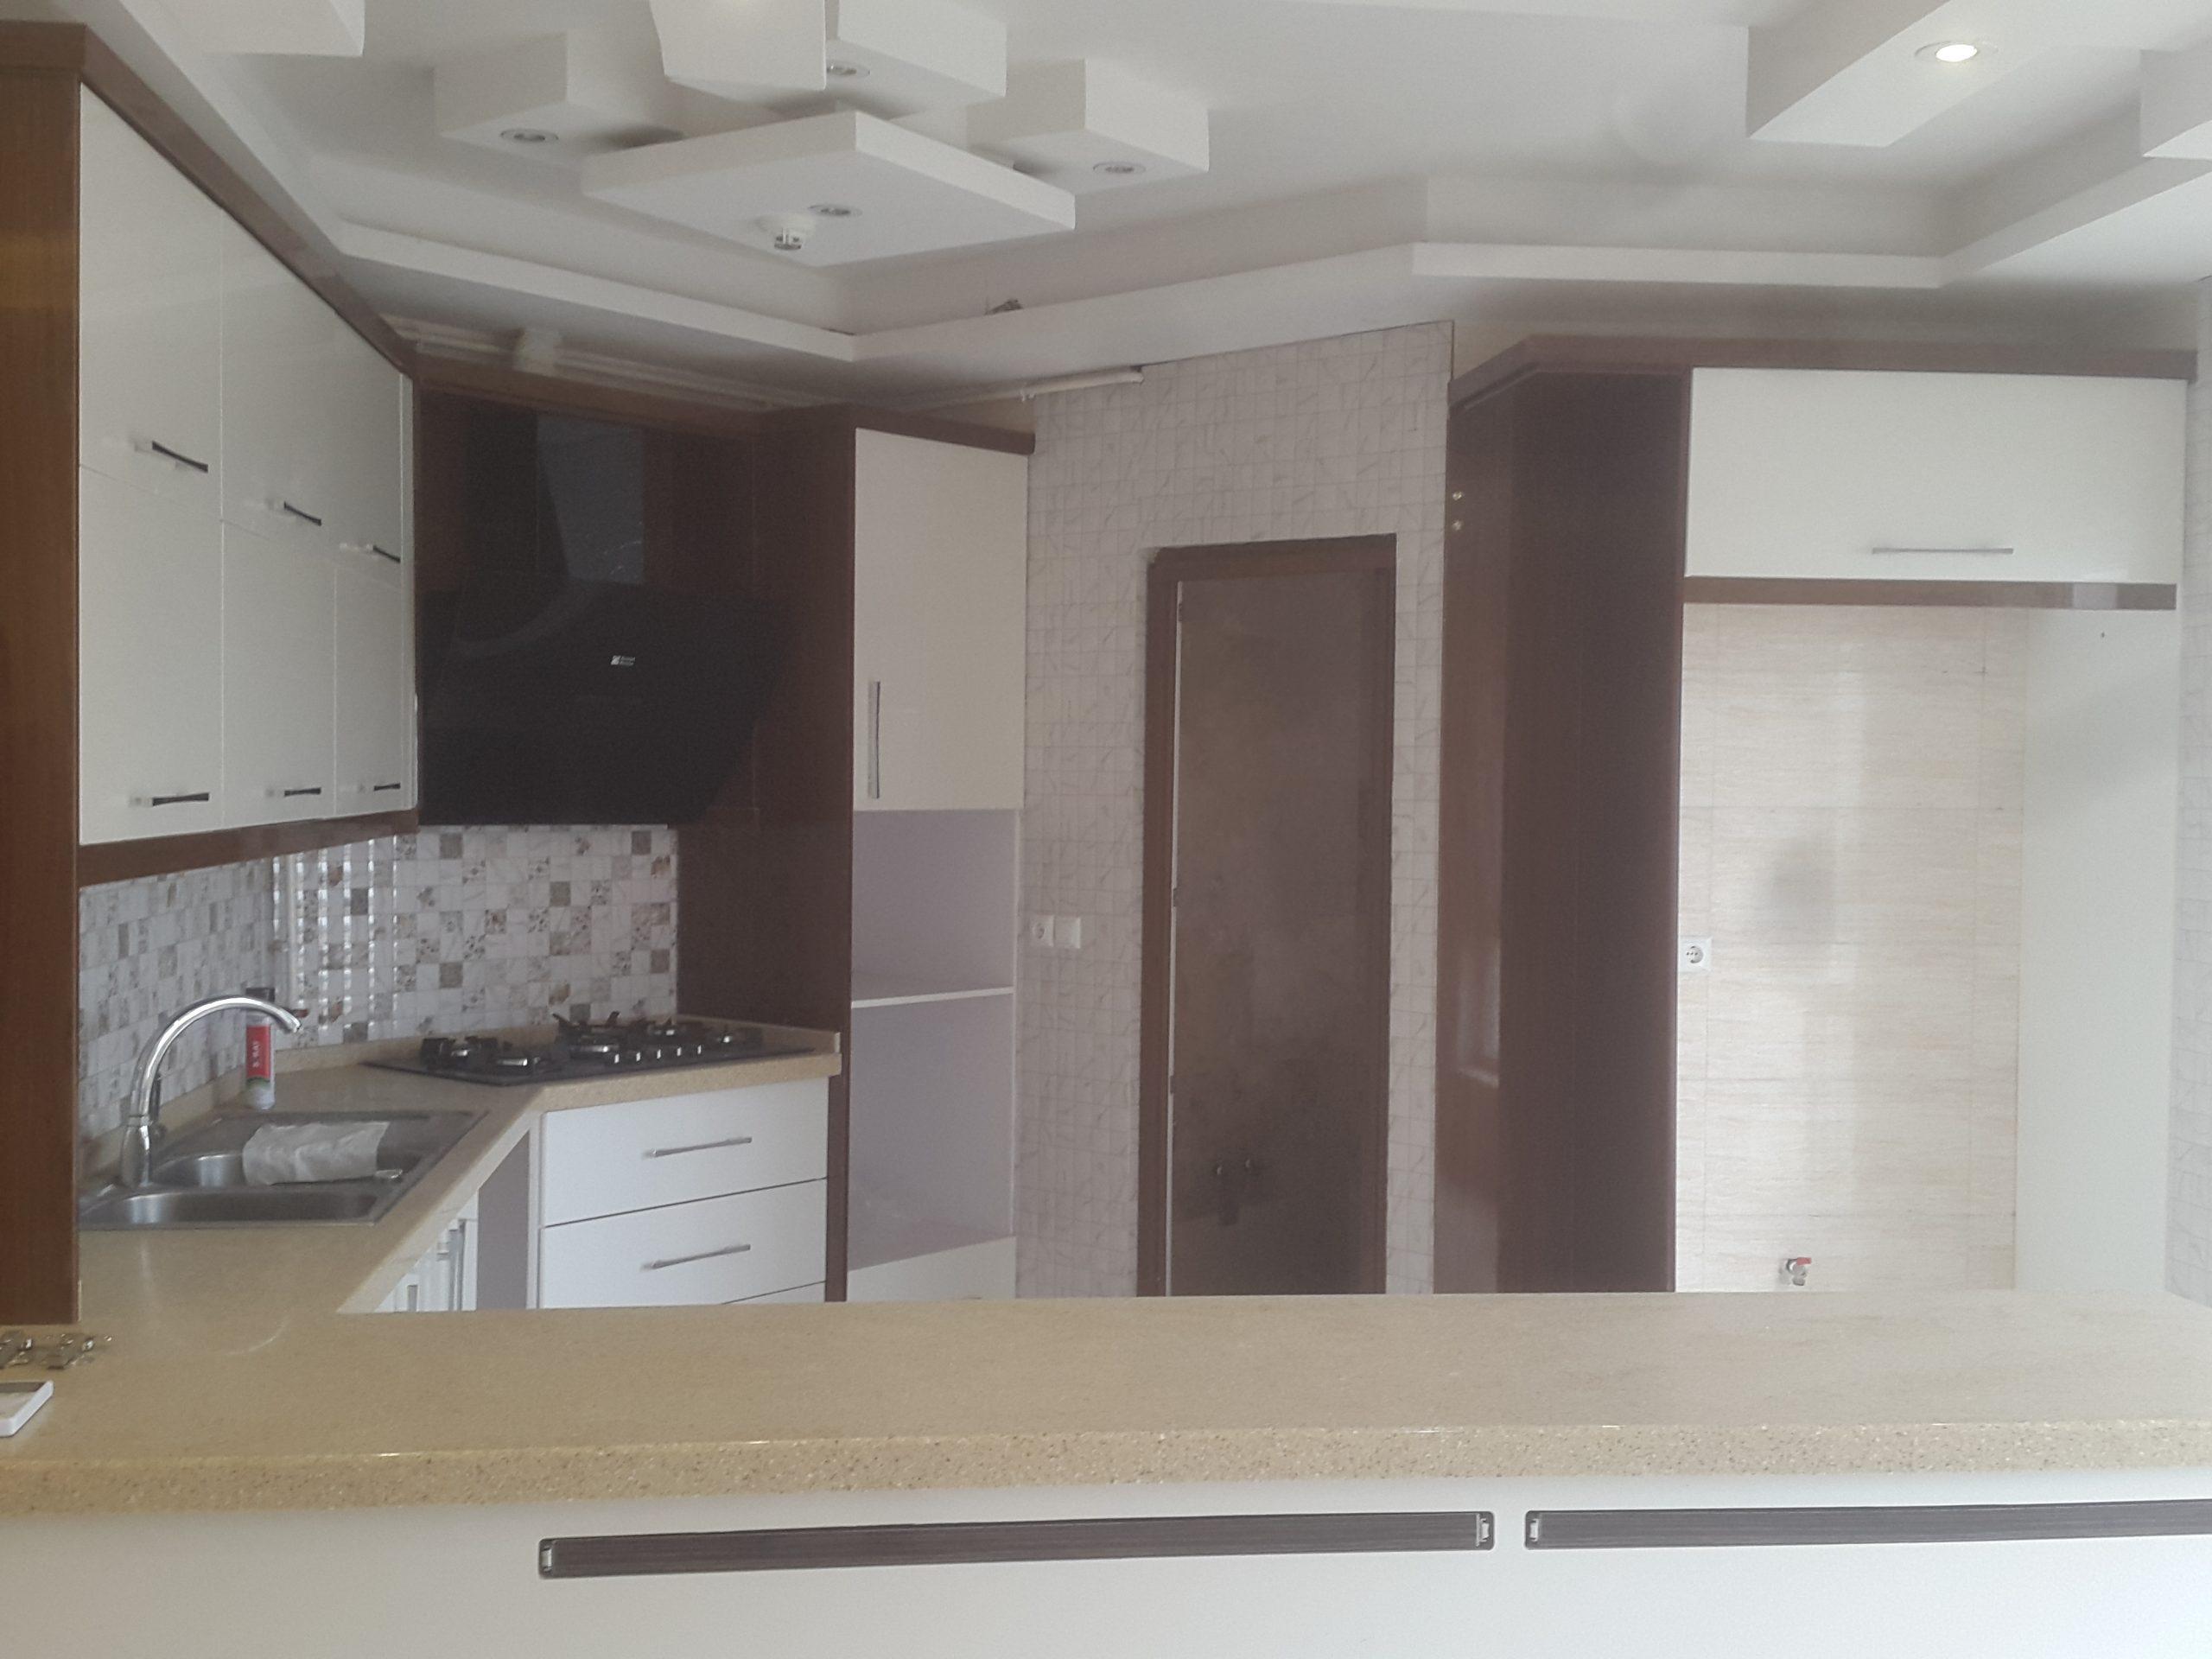 آشپزخانه اپن با کابینت های های گلاس و مطبخ